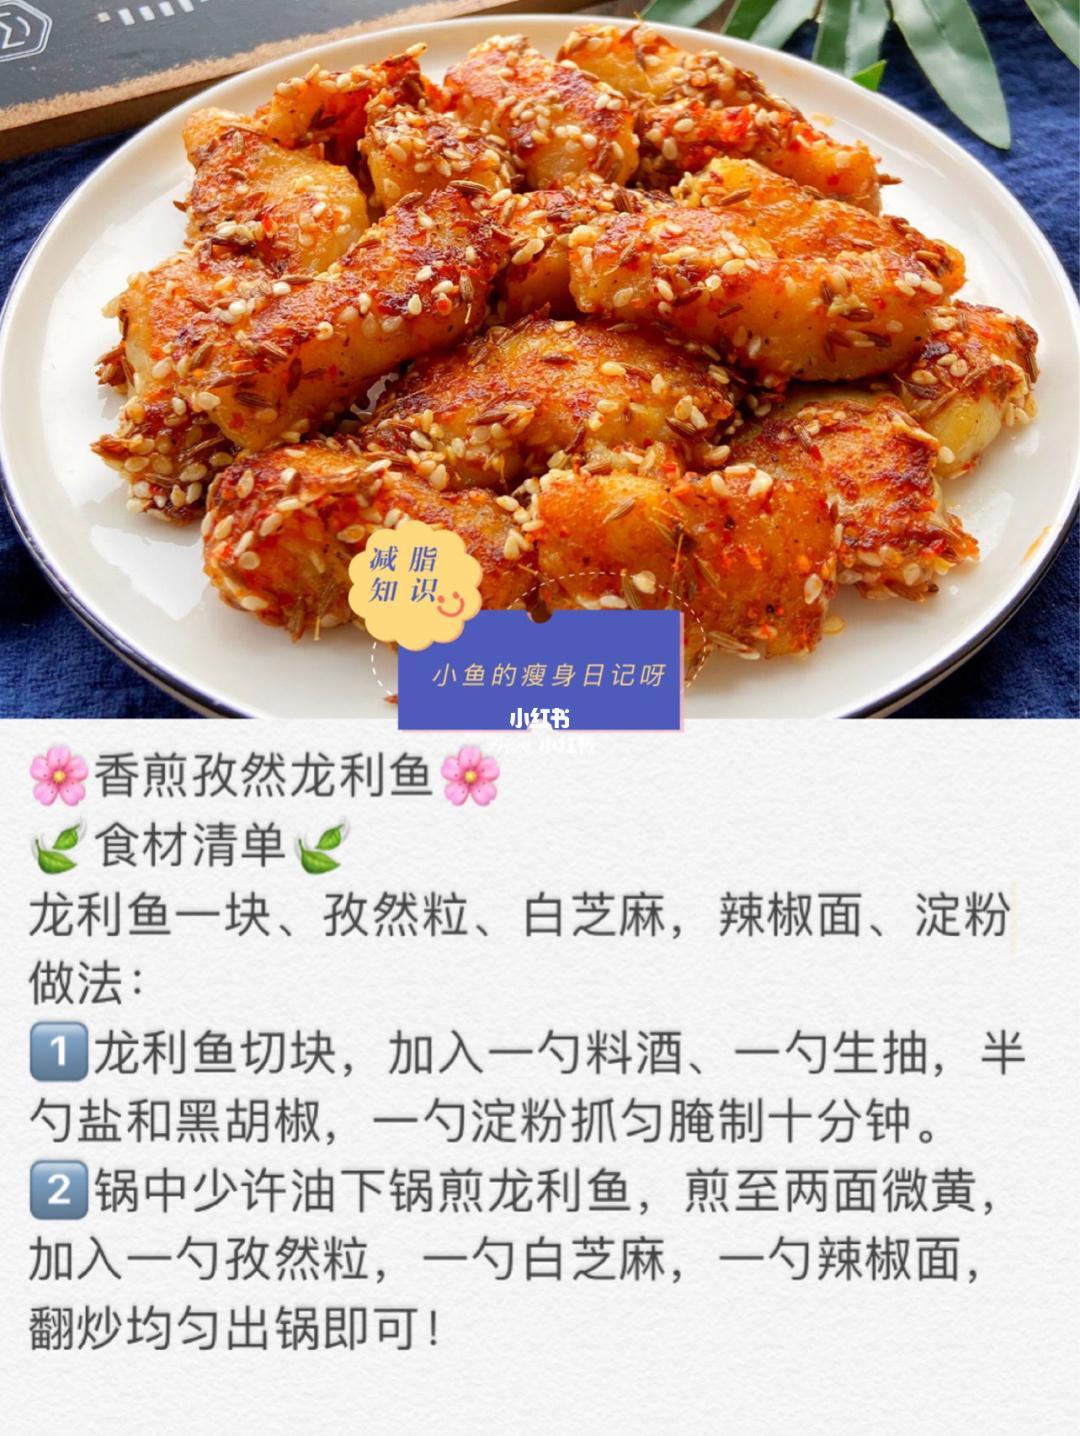 香煎孜然龙利鱼_okjer.com